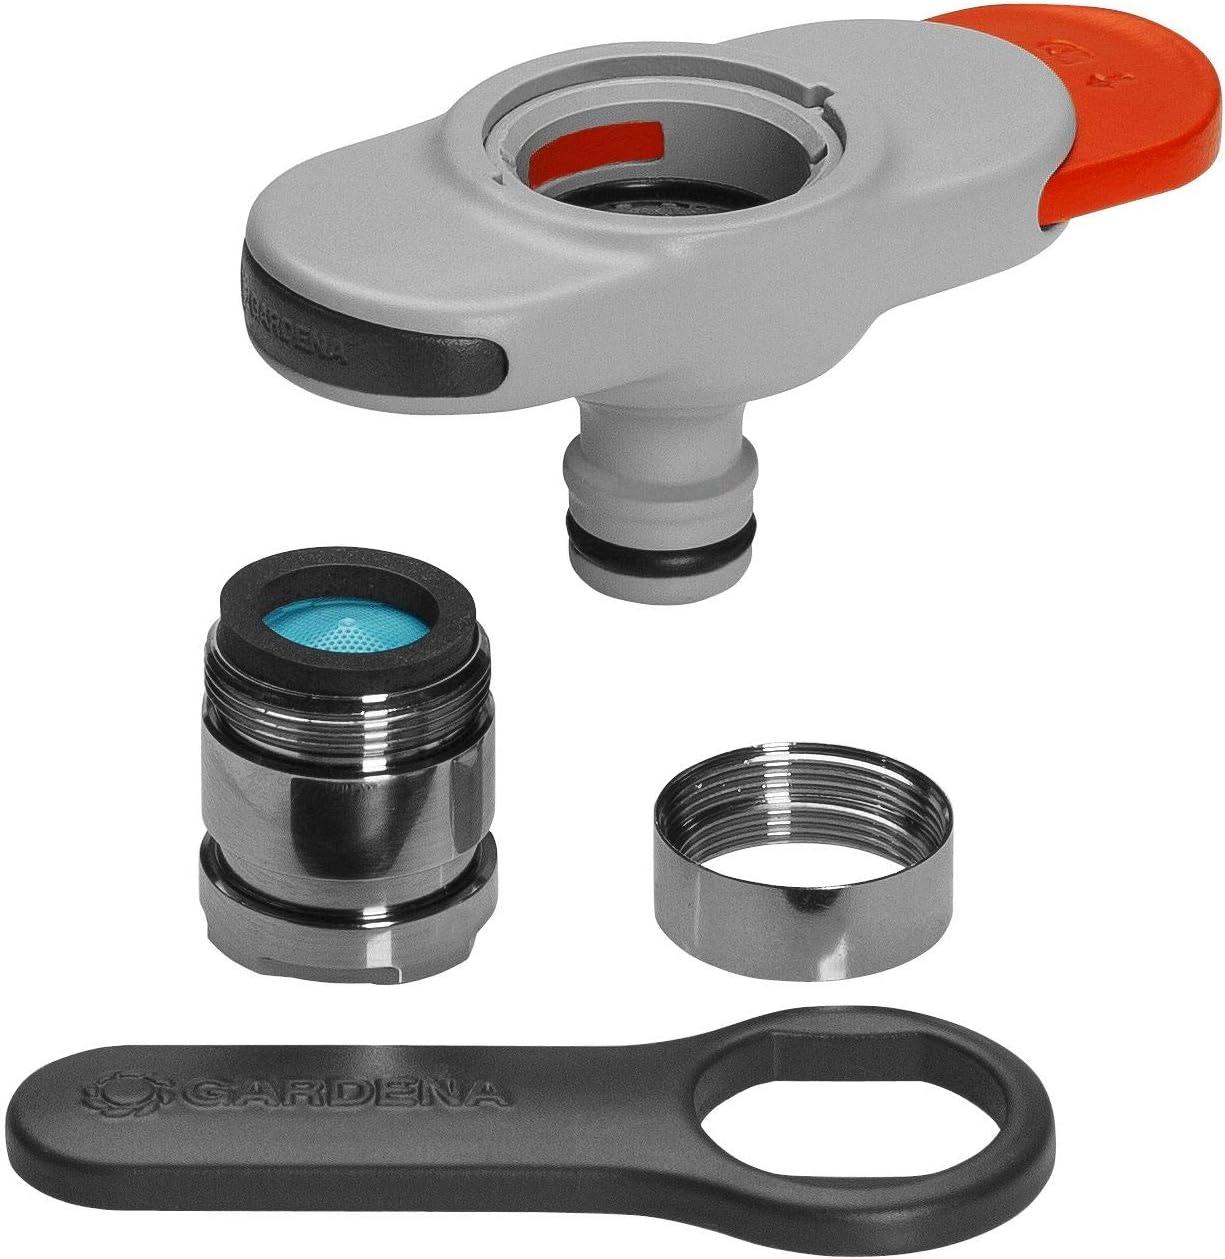 Conector GARDENA para grifos de interior: Conexión para grifos de interior, incl. adaptador para aireador, llave para una instalación sencilla, para cocina y baño (18210-20)